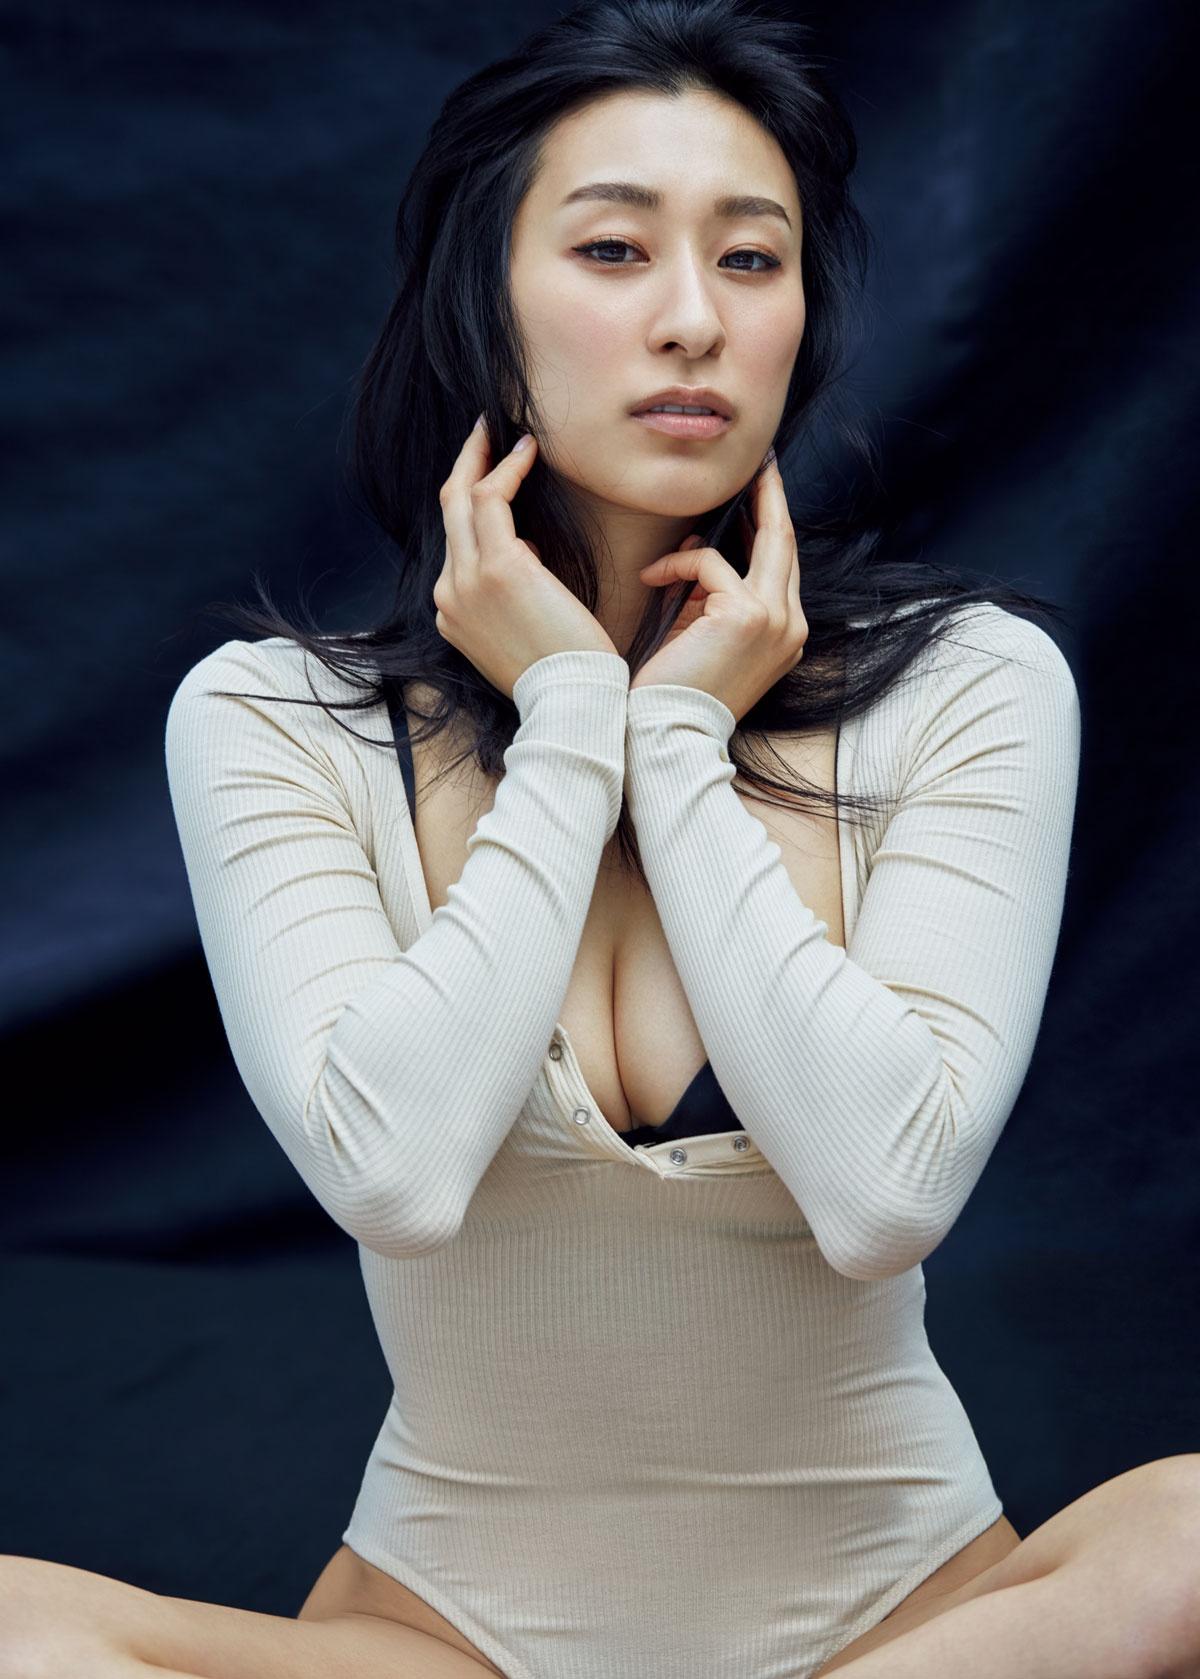 浅田舞 話題の 過去最高sexy グラビア再び 指原莉乃も絶賛 超すごい 質のいいグラビア Oricon News